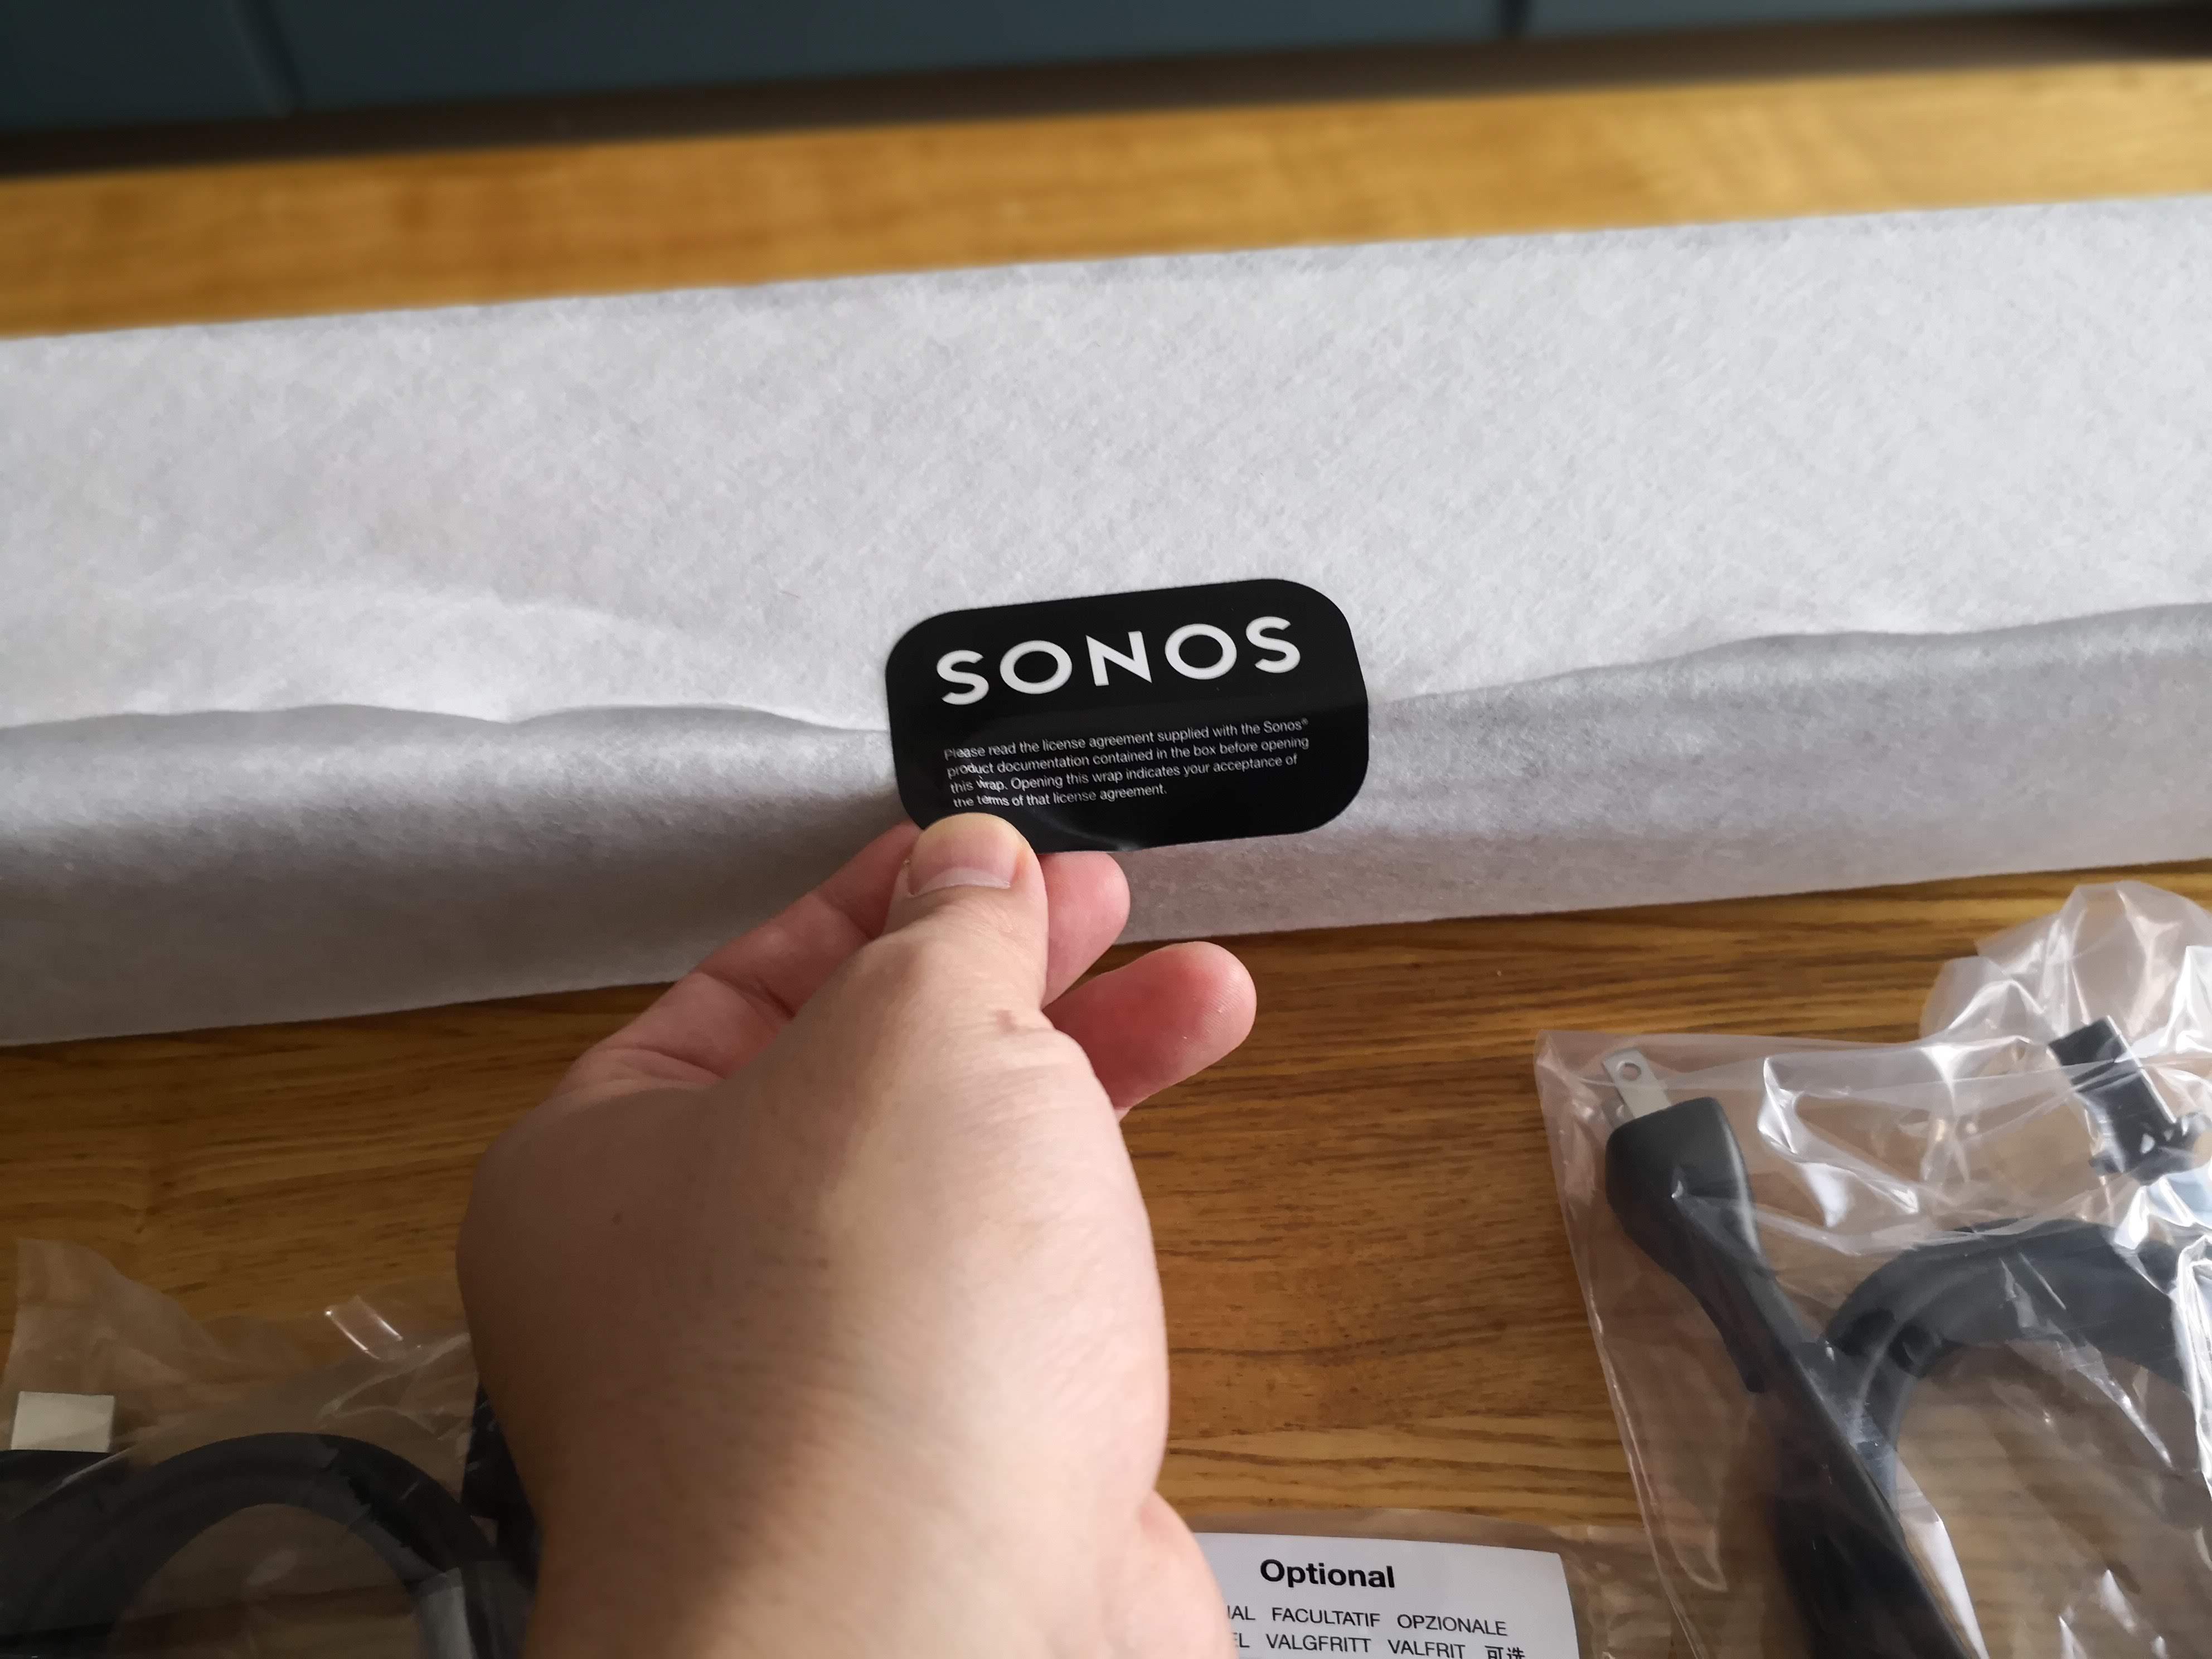 SONOSのロゴが書かれたシール